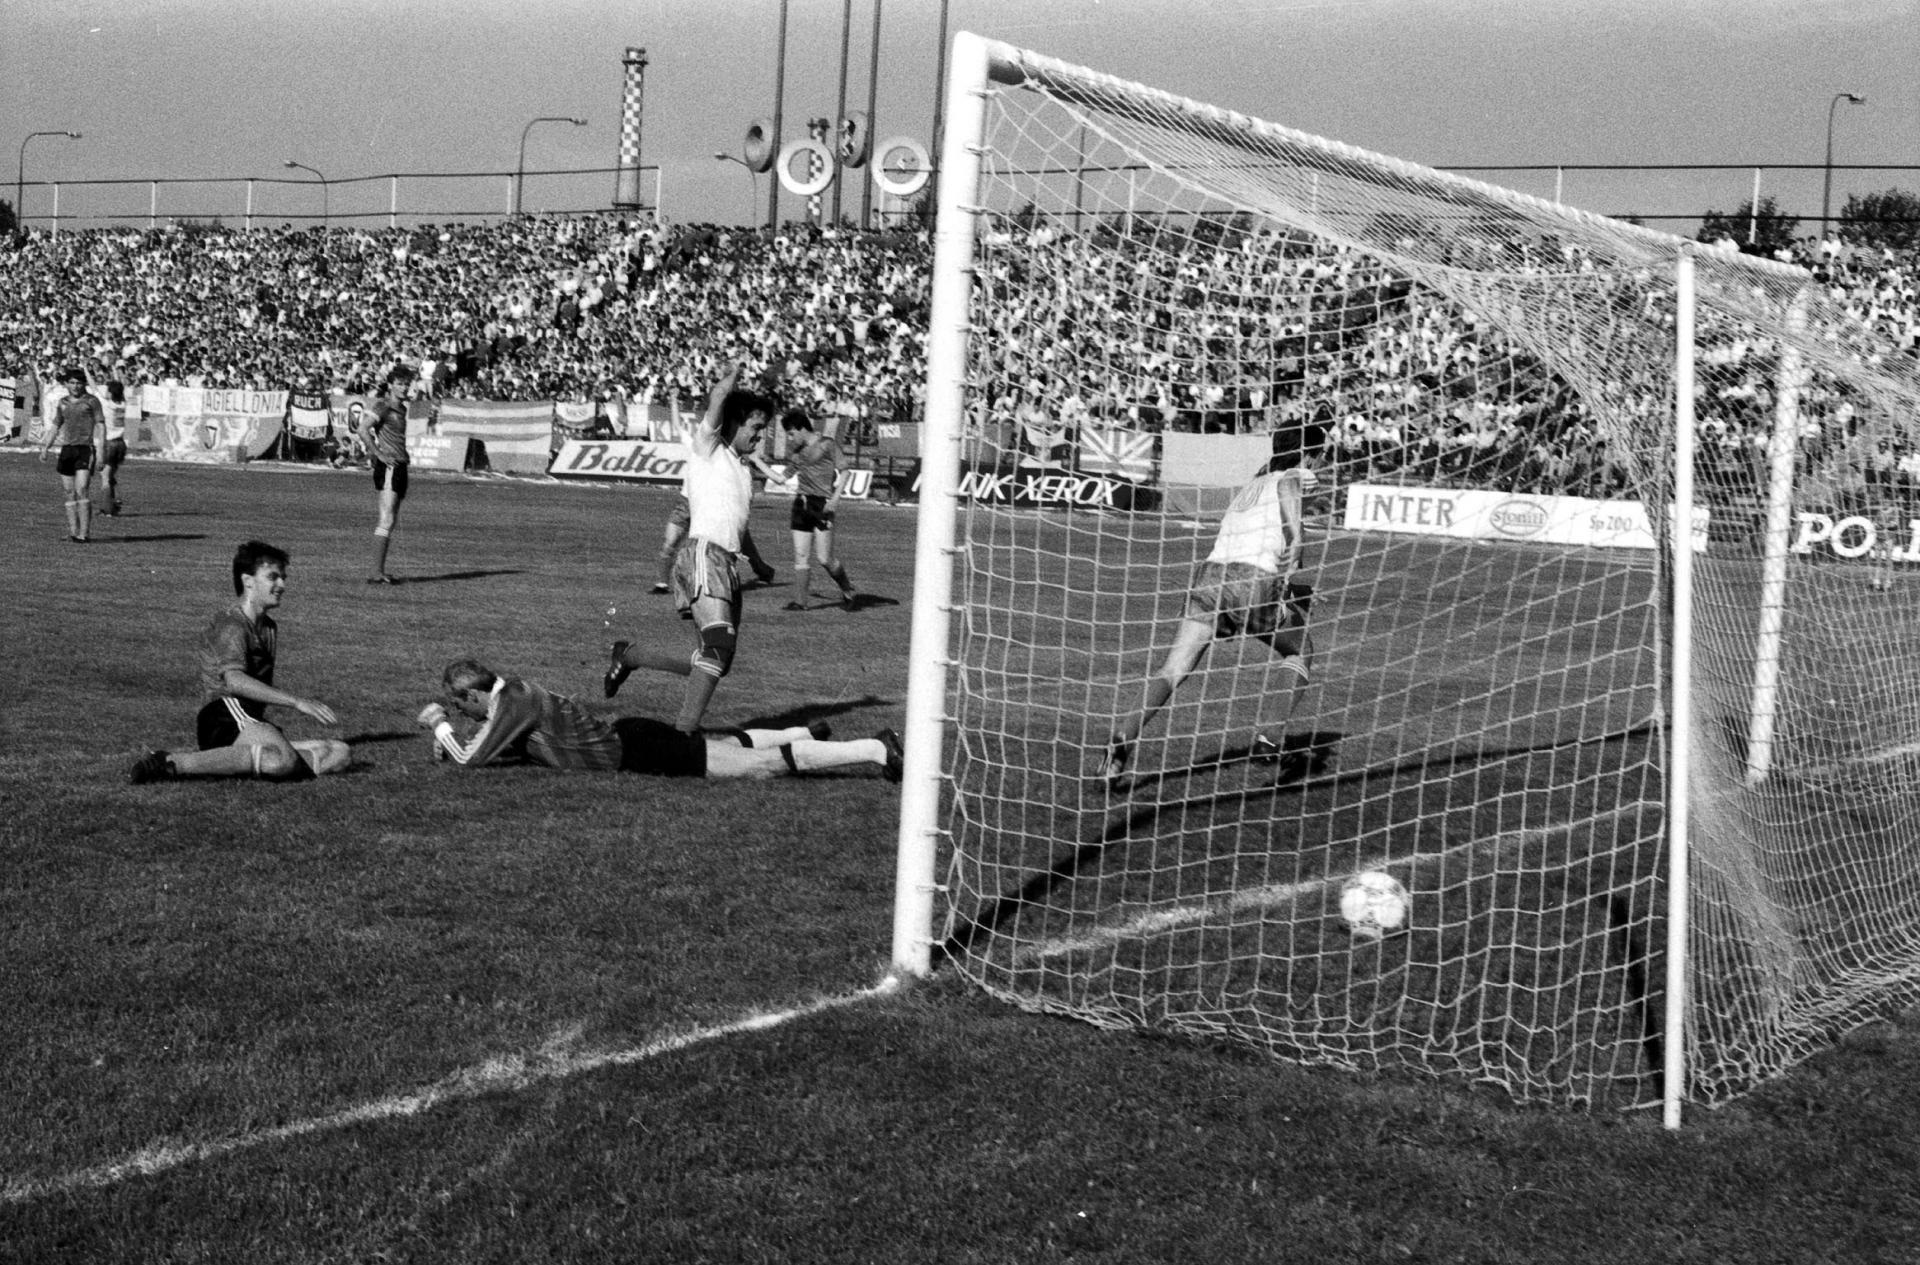 Dariusz Dziekanowski strzela gola dla Legii Warszawa w finale Pucharu Polski z Jagiellonią Białystok (5:2) 24 czerwca 1989 roku.